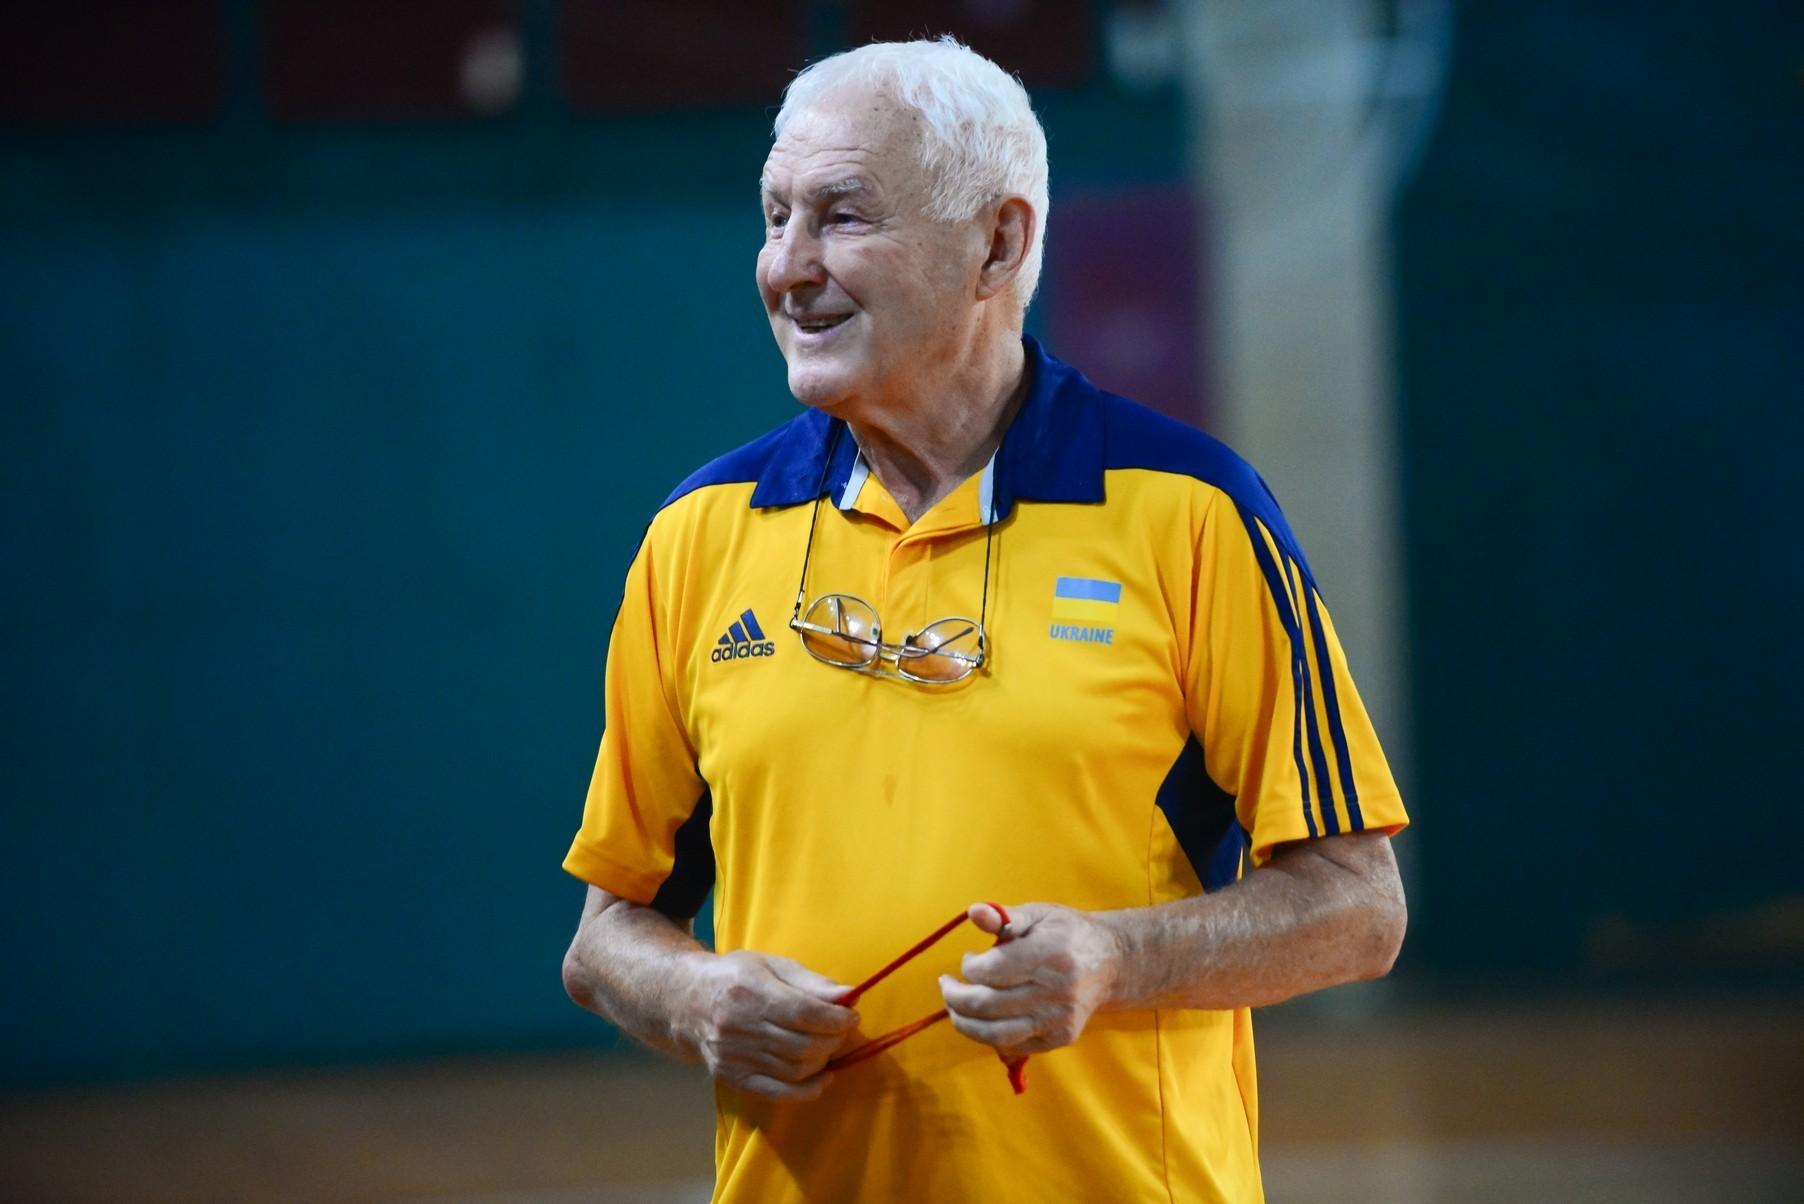 Валентин Мельничук: Я дуже радію за дитячих тренерів